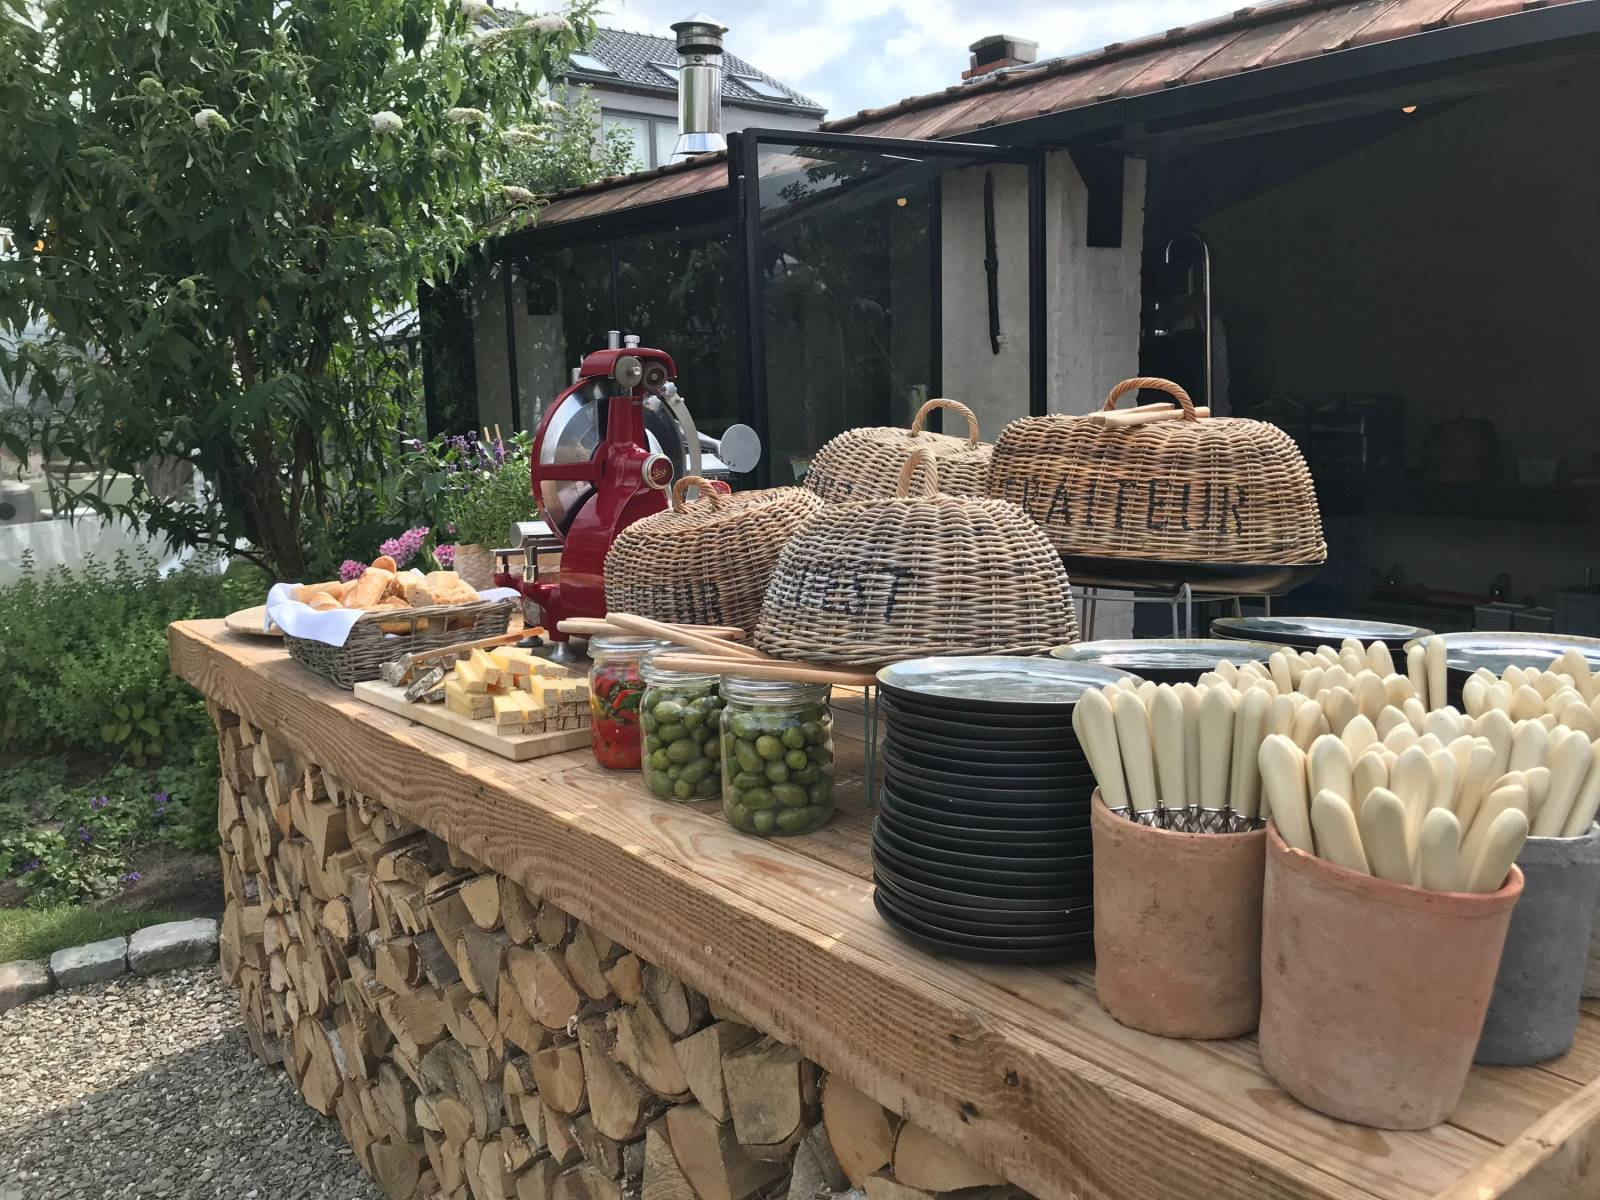 Hendrickx feesten - Catering - Traiteur - Cateraar - House of Events - 27